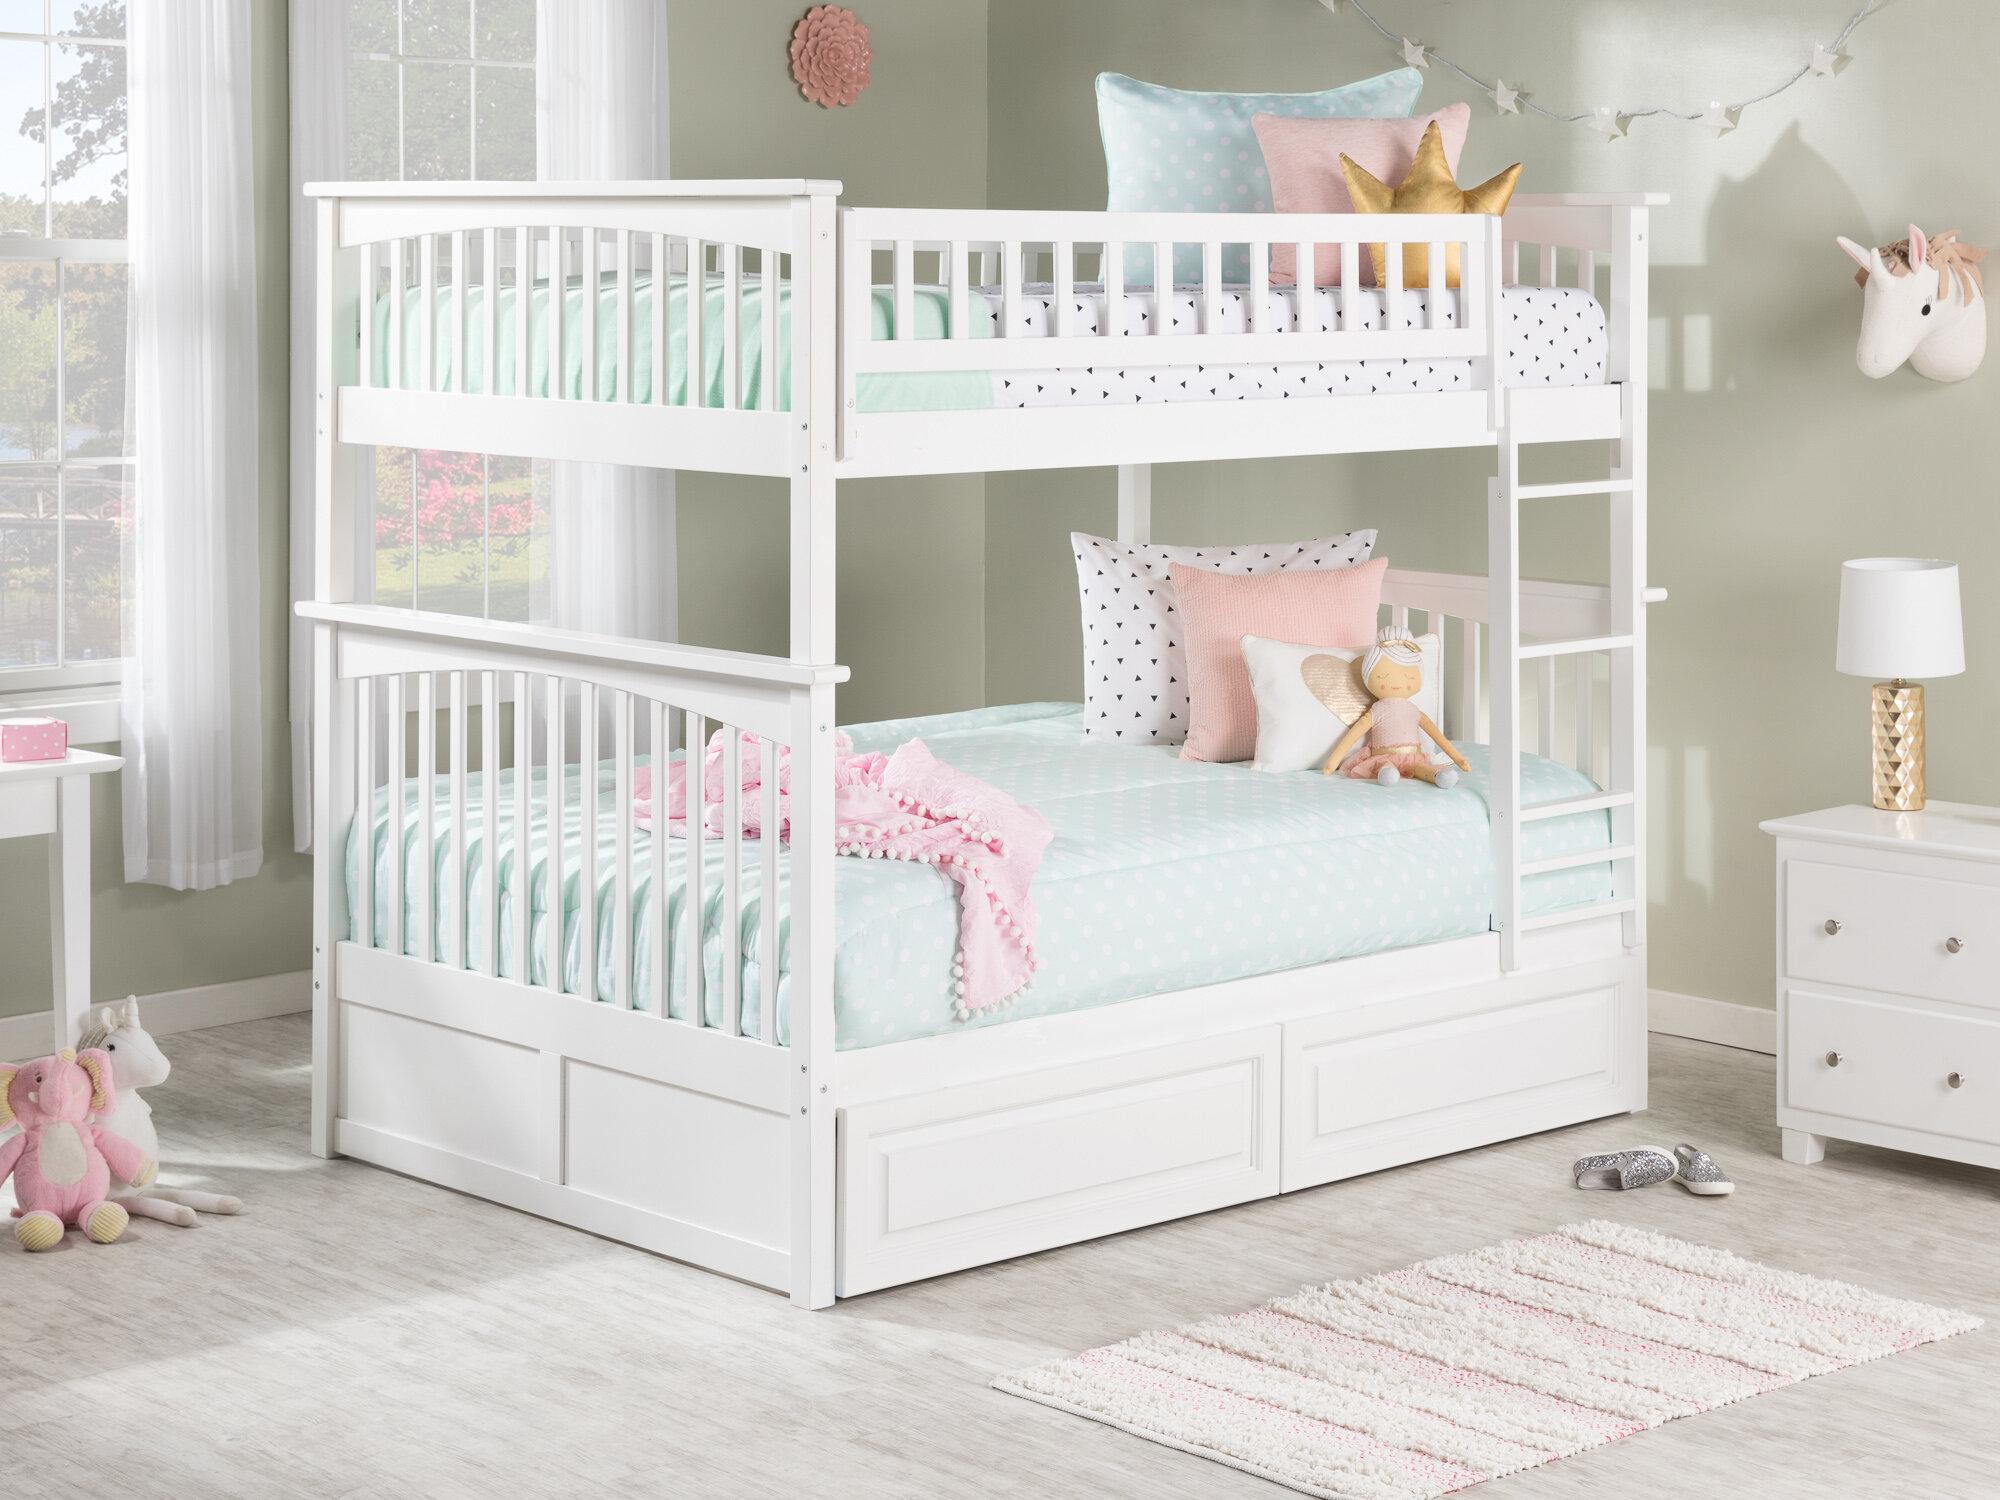 Viv Rae Henry Solid Wood Bunk Bed By Viv Rae Reviews Wayfair